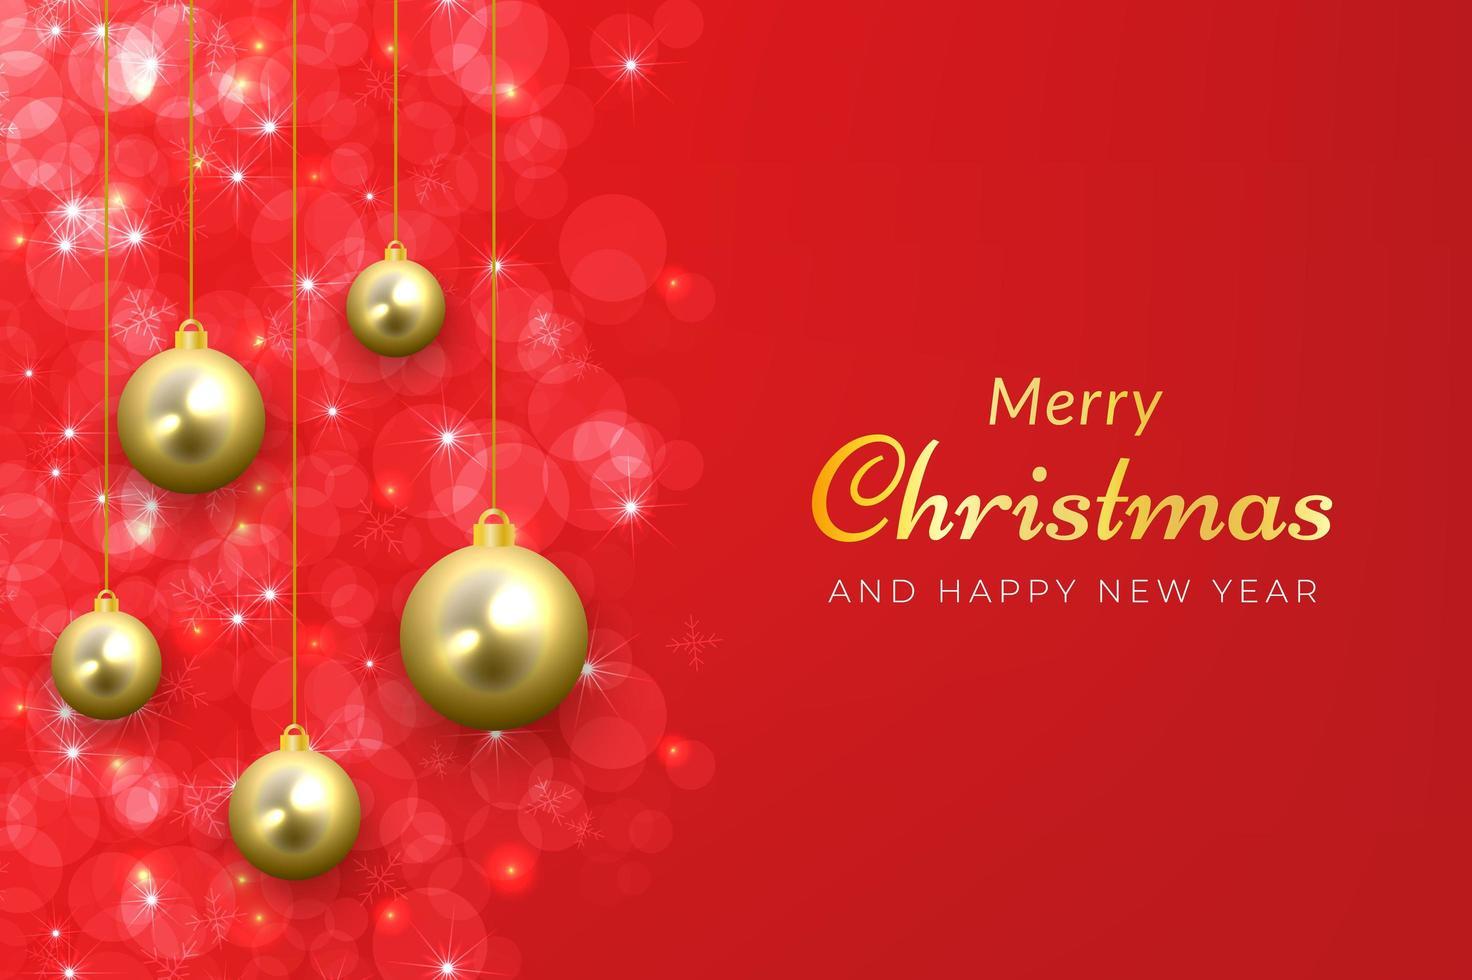 Kerst achtergrond in sprankelend rood met gouden hangende ornamenten vector